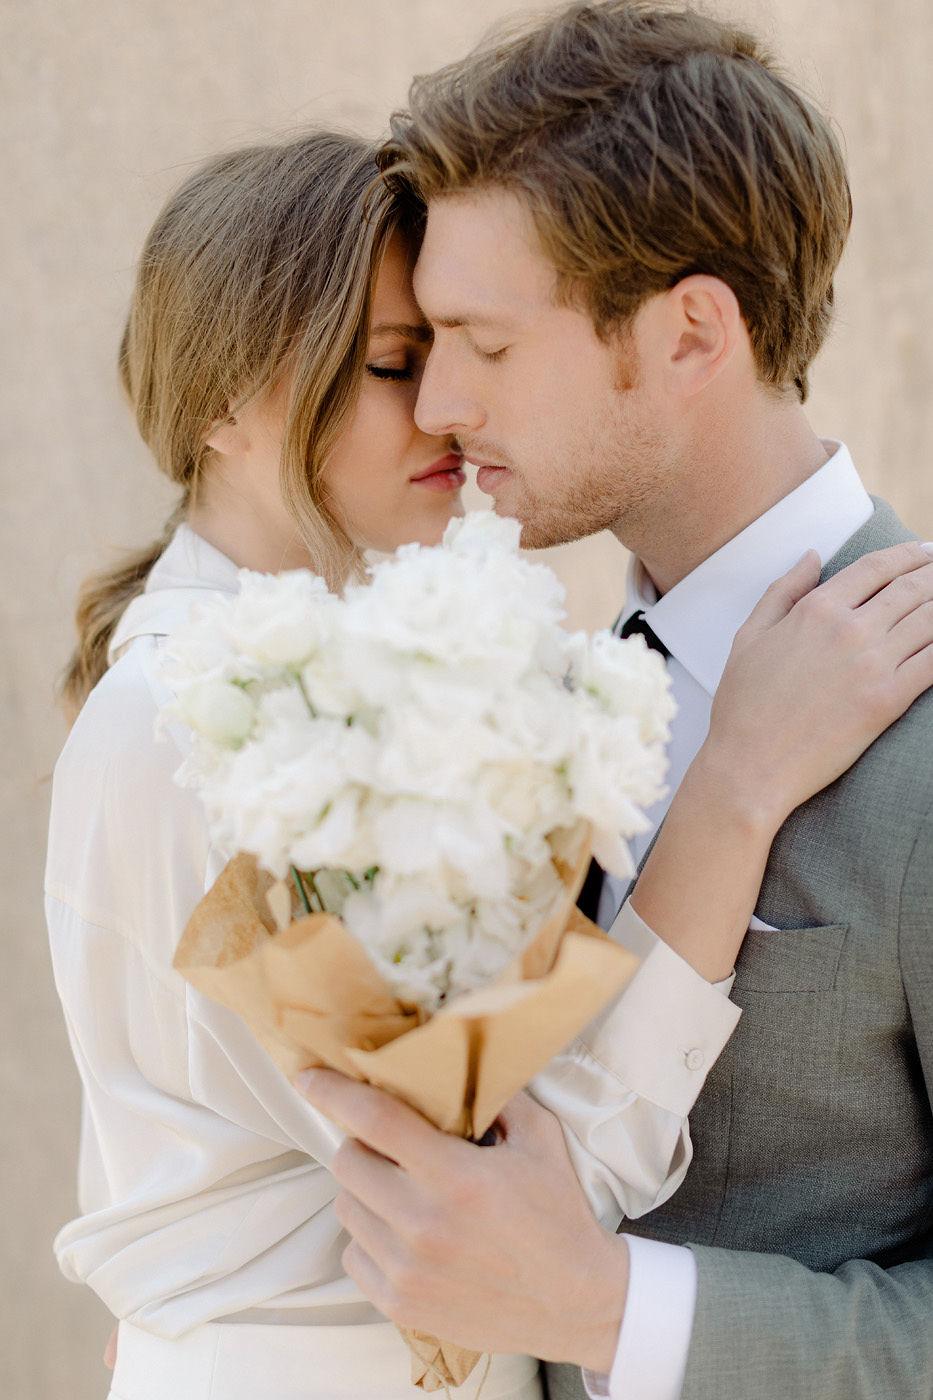 Engagement Photography - Couple Portrait